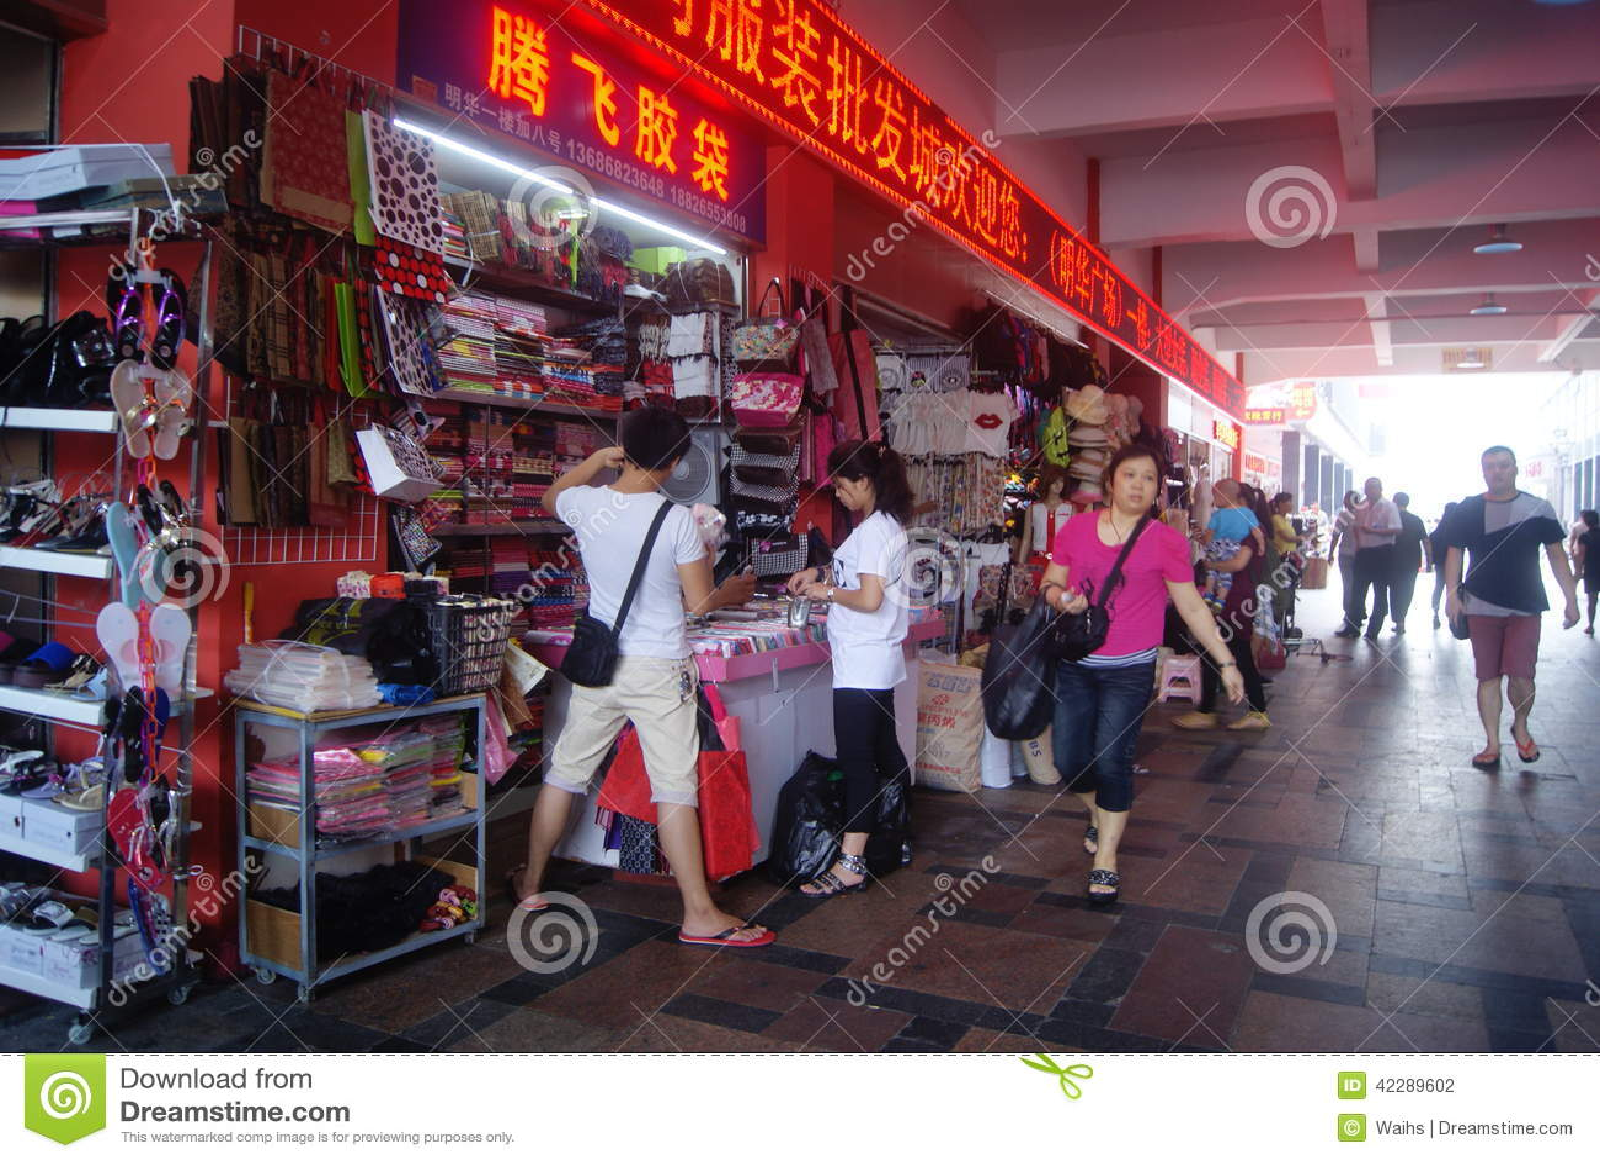 Imbécil Gestionar tratar con  Shenzhen, China: Mercado Al Por Mayor De La Ropa Fotografía editorial -  Imagen de clientes, almacenes: 42289602